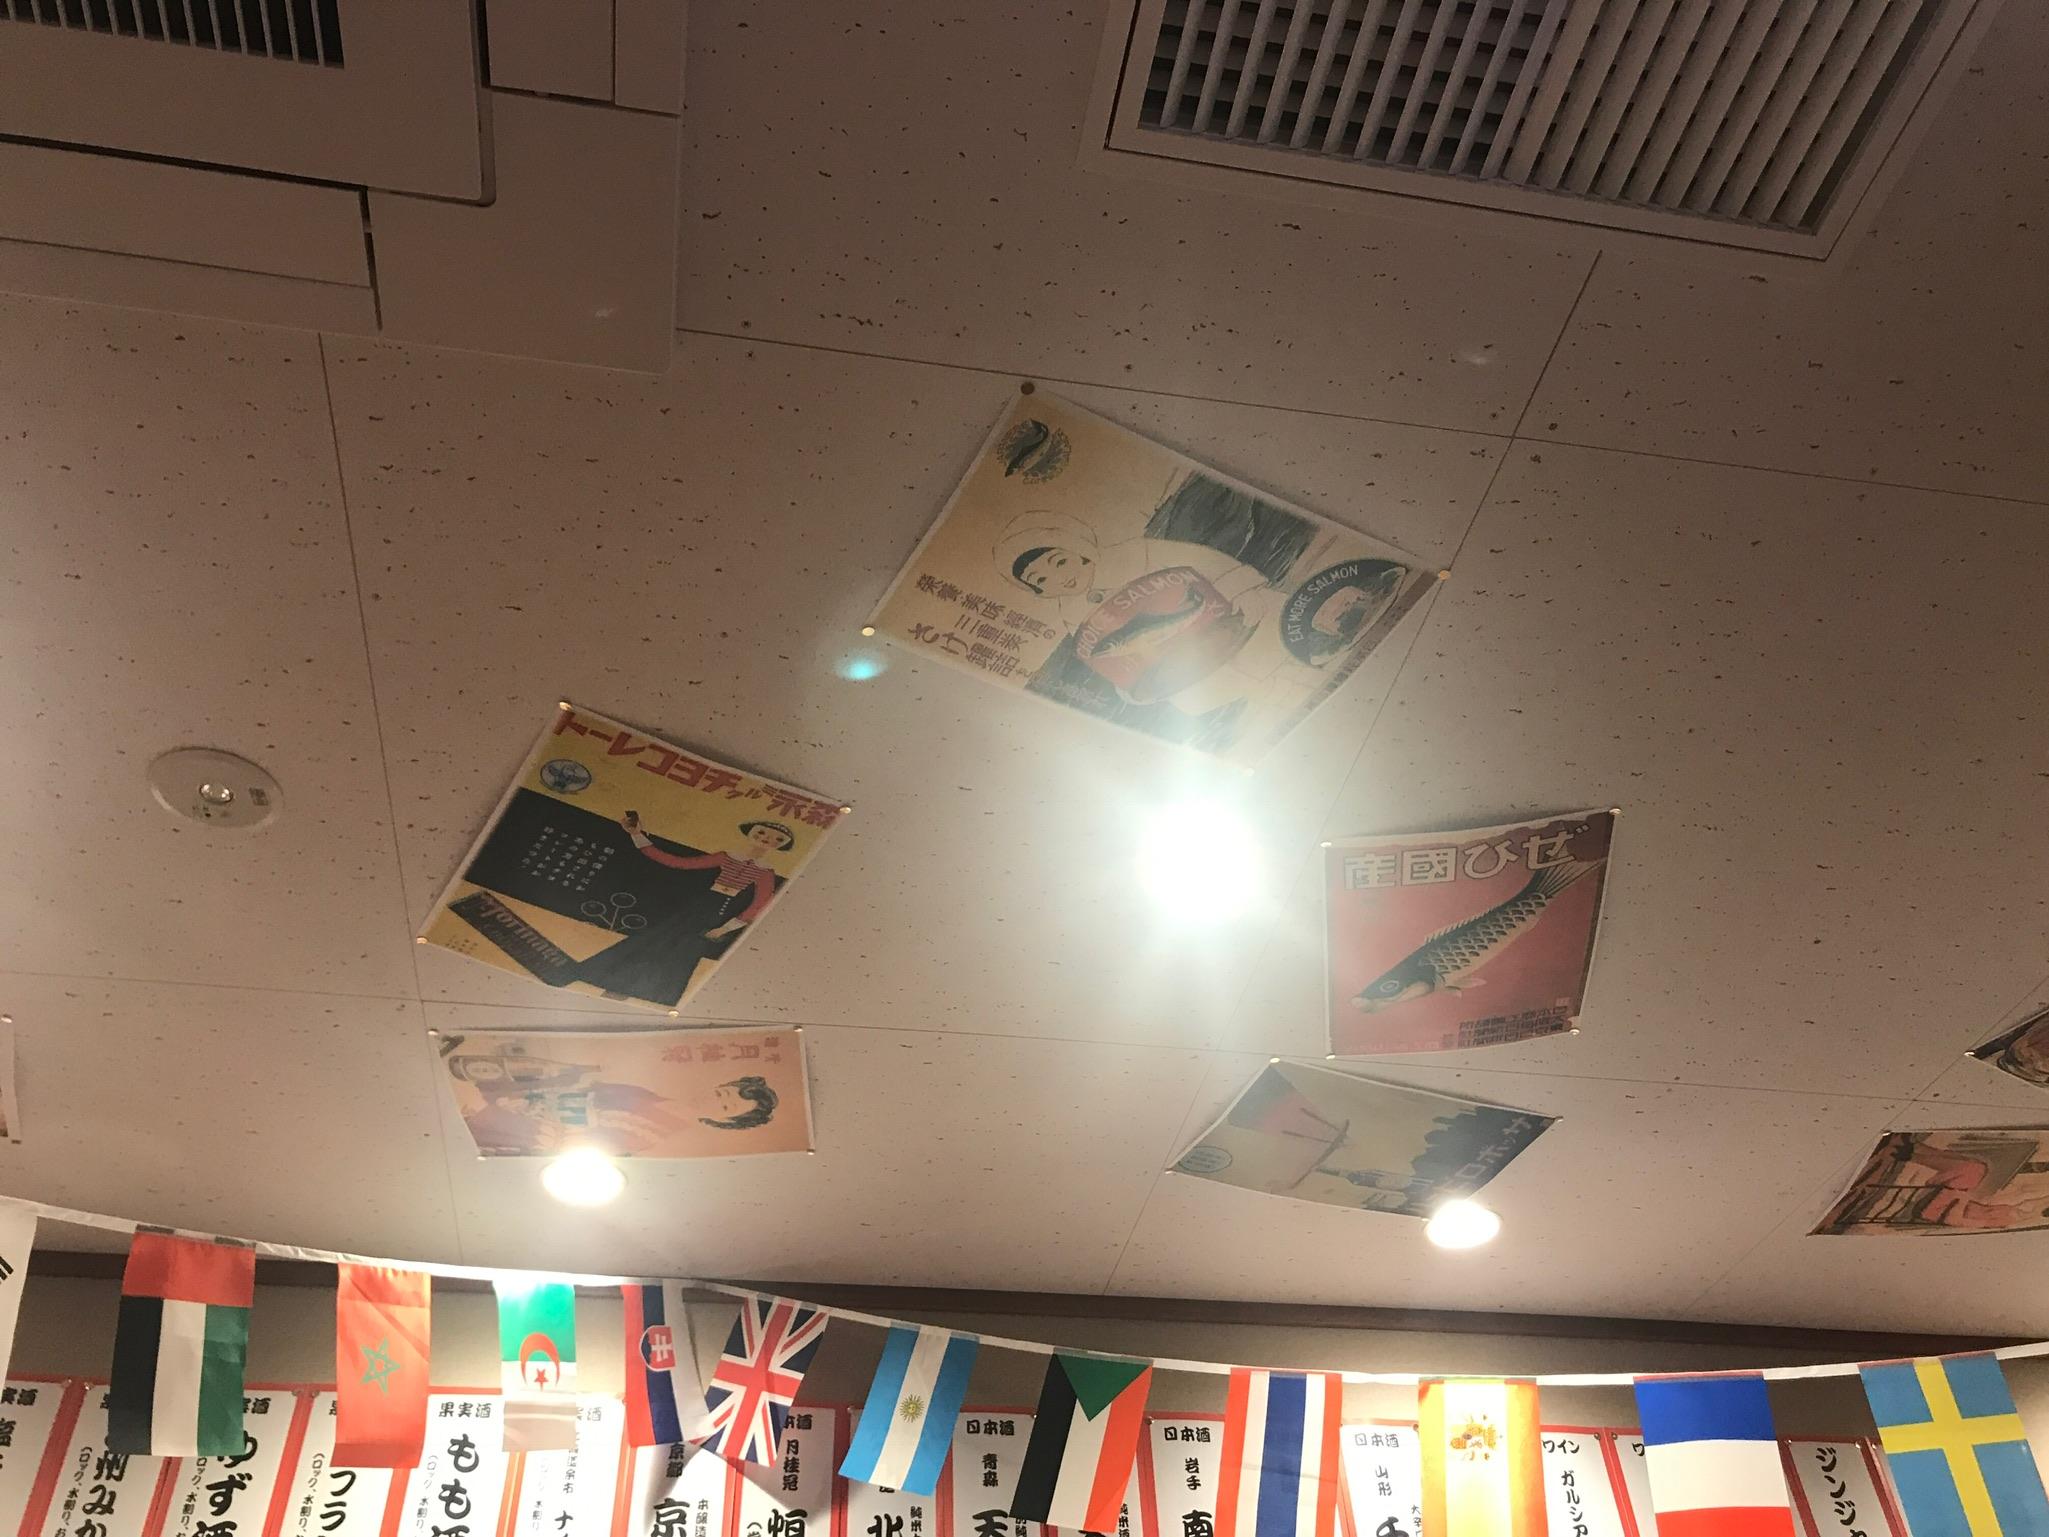 天井に貼られているポスター